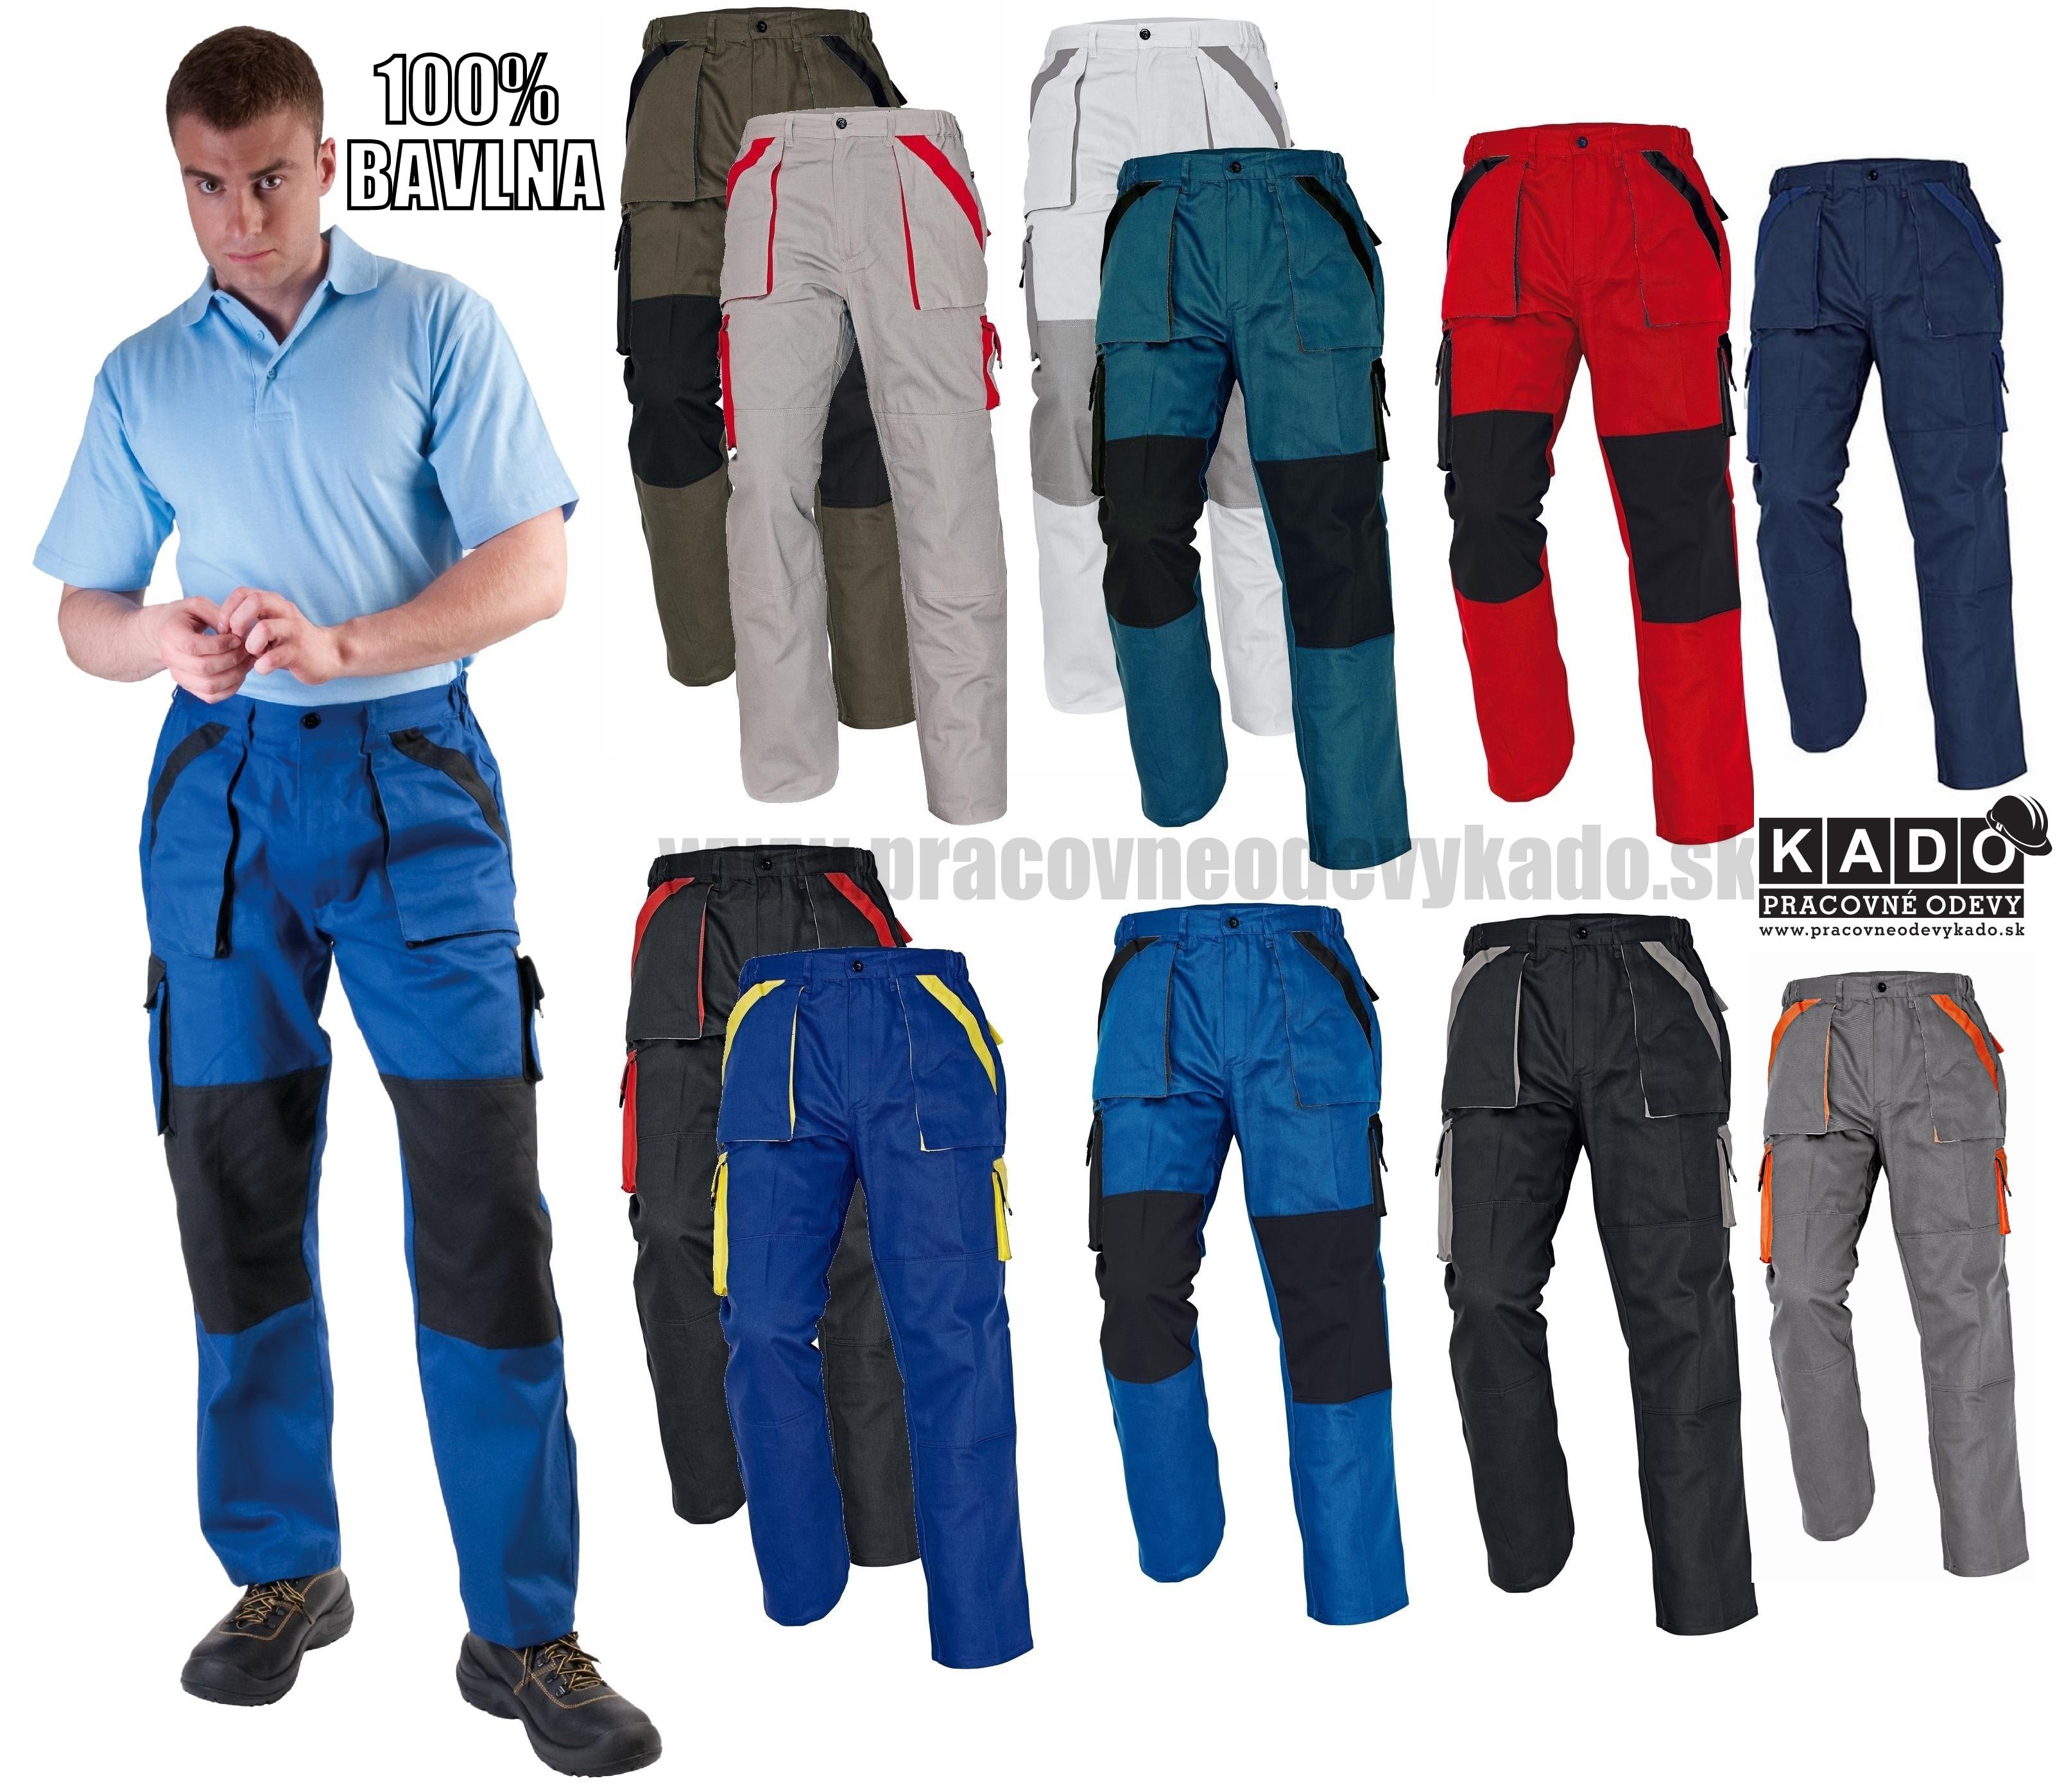 Pracovné odevy - Nohavice MAX do pásu viac farieb  5a9e76df09